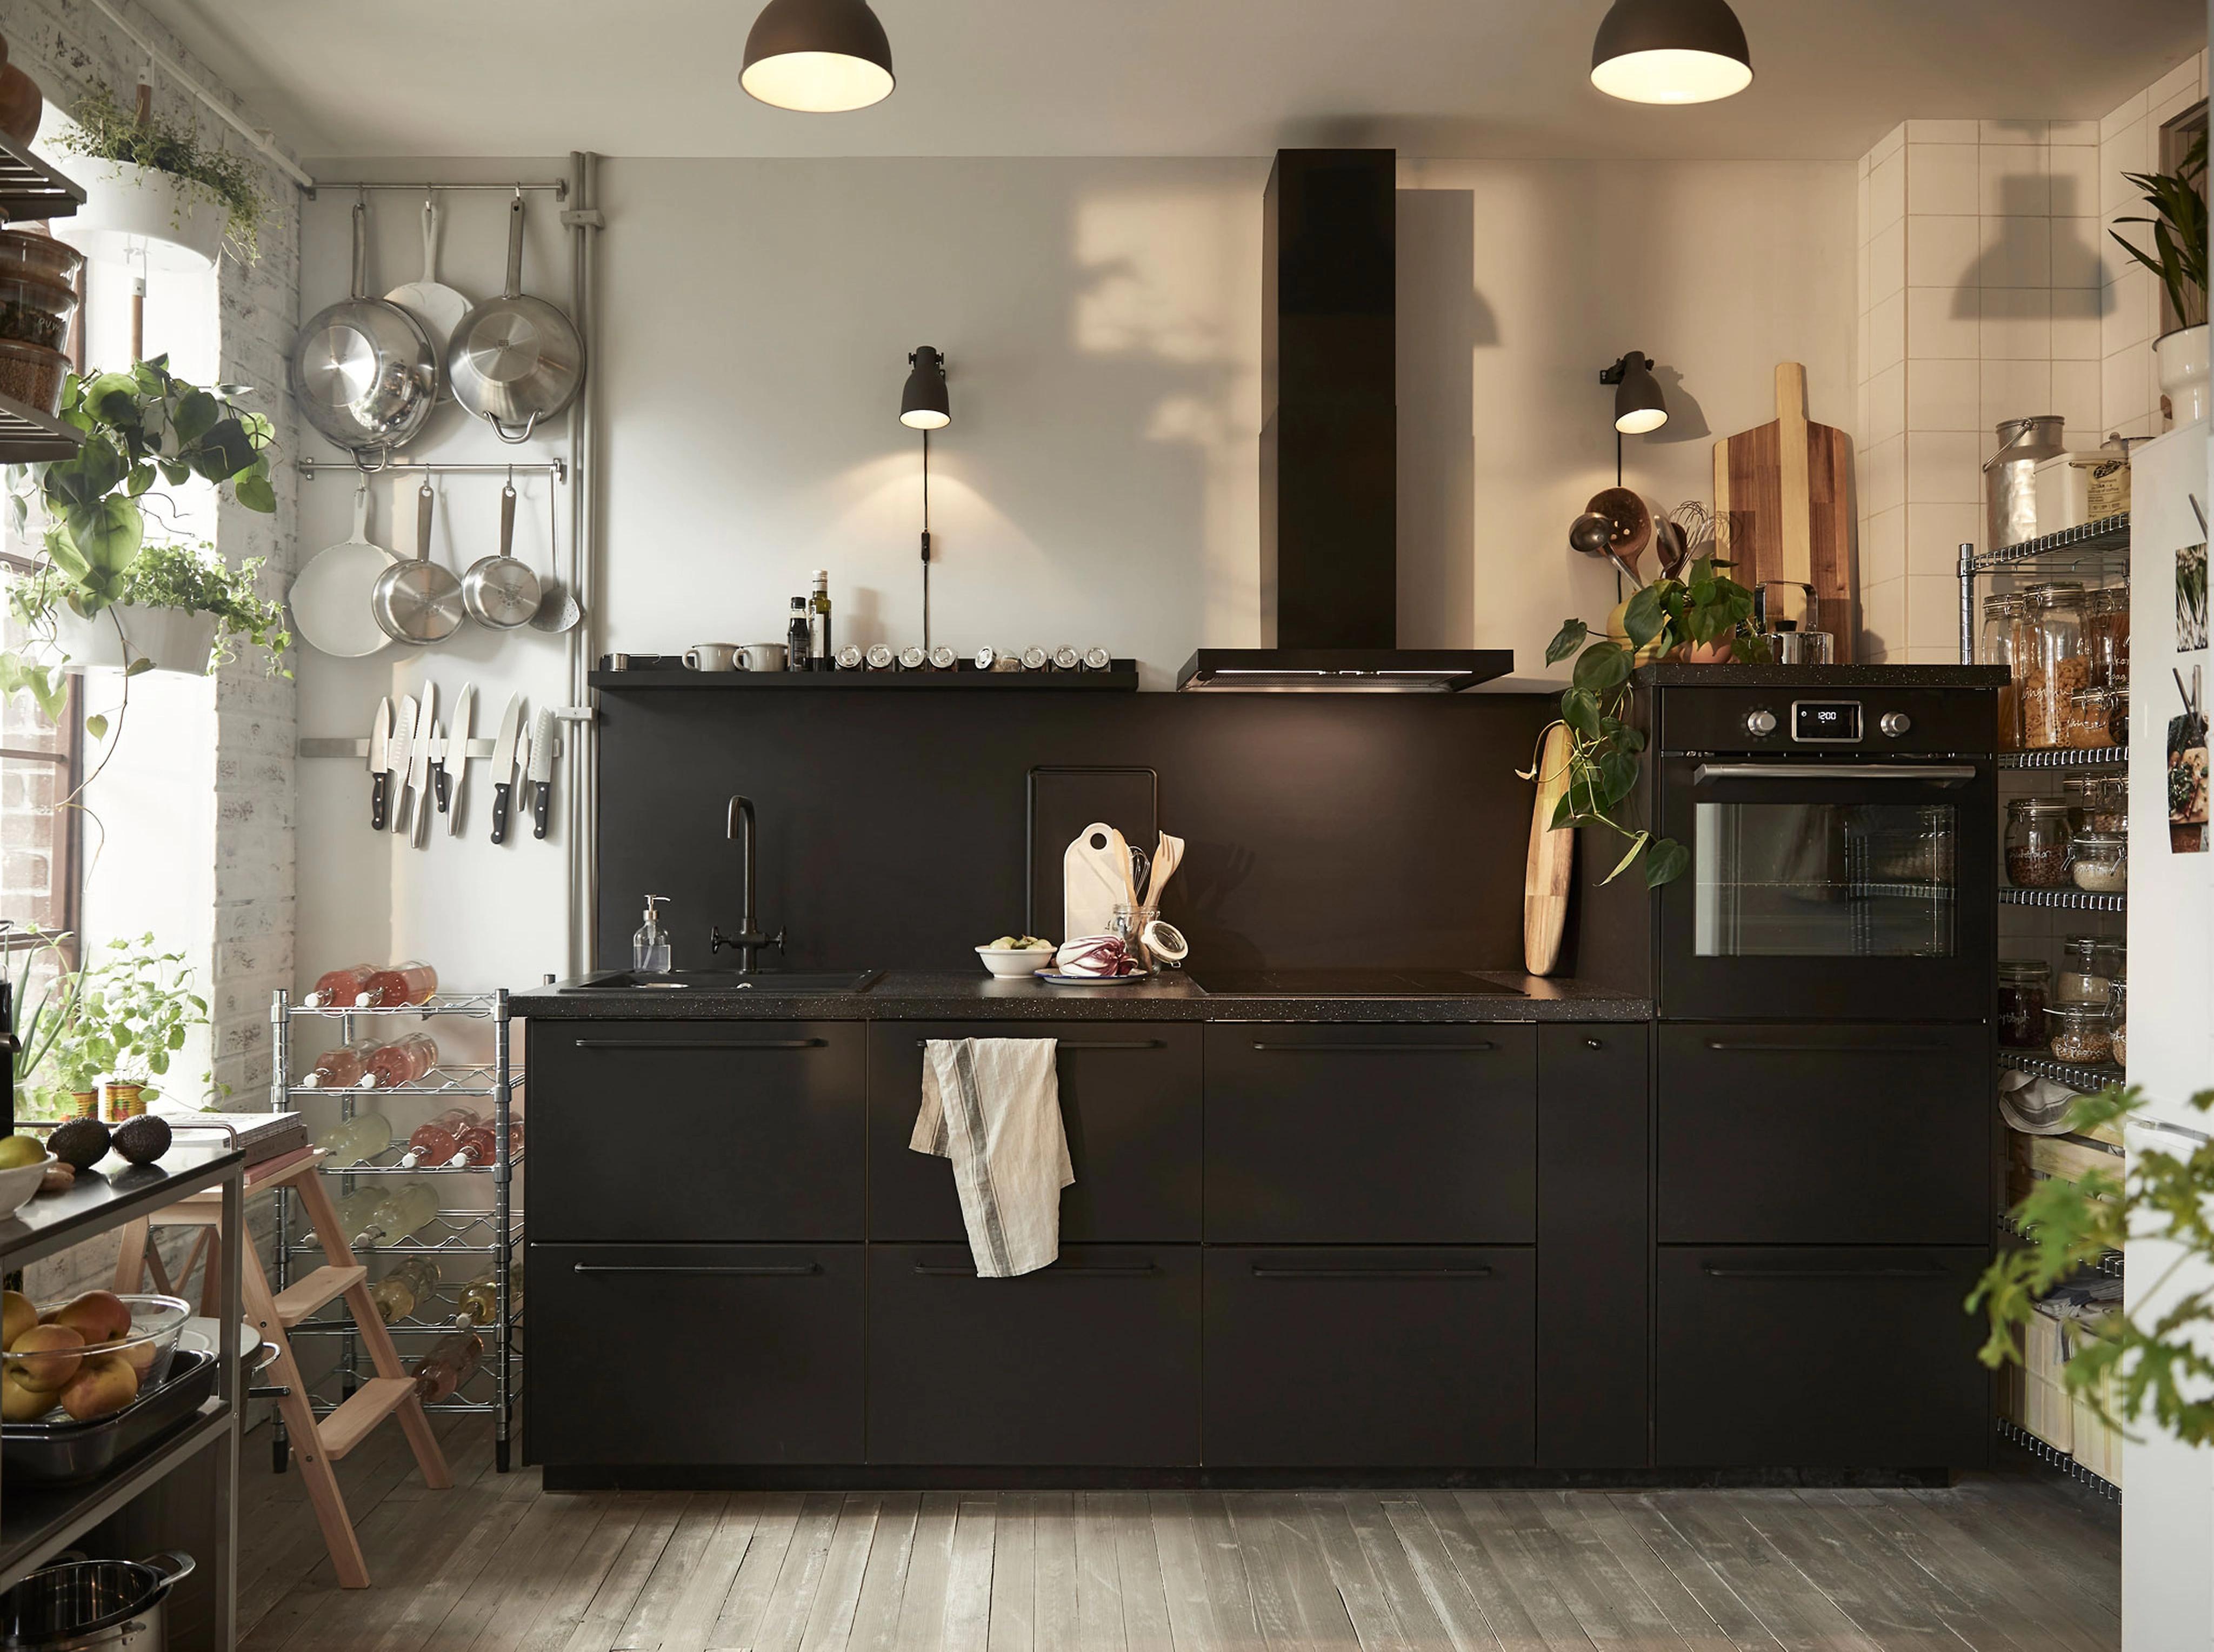 Latest Kitchen Design Trends 2019 Ikea kitchen